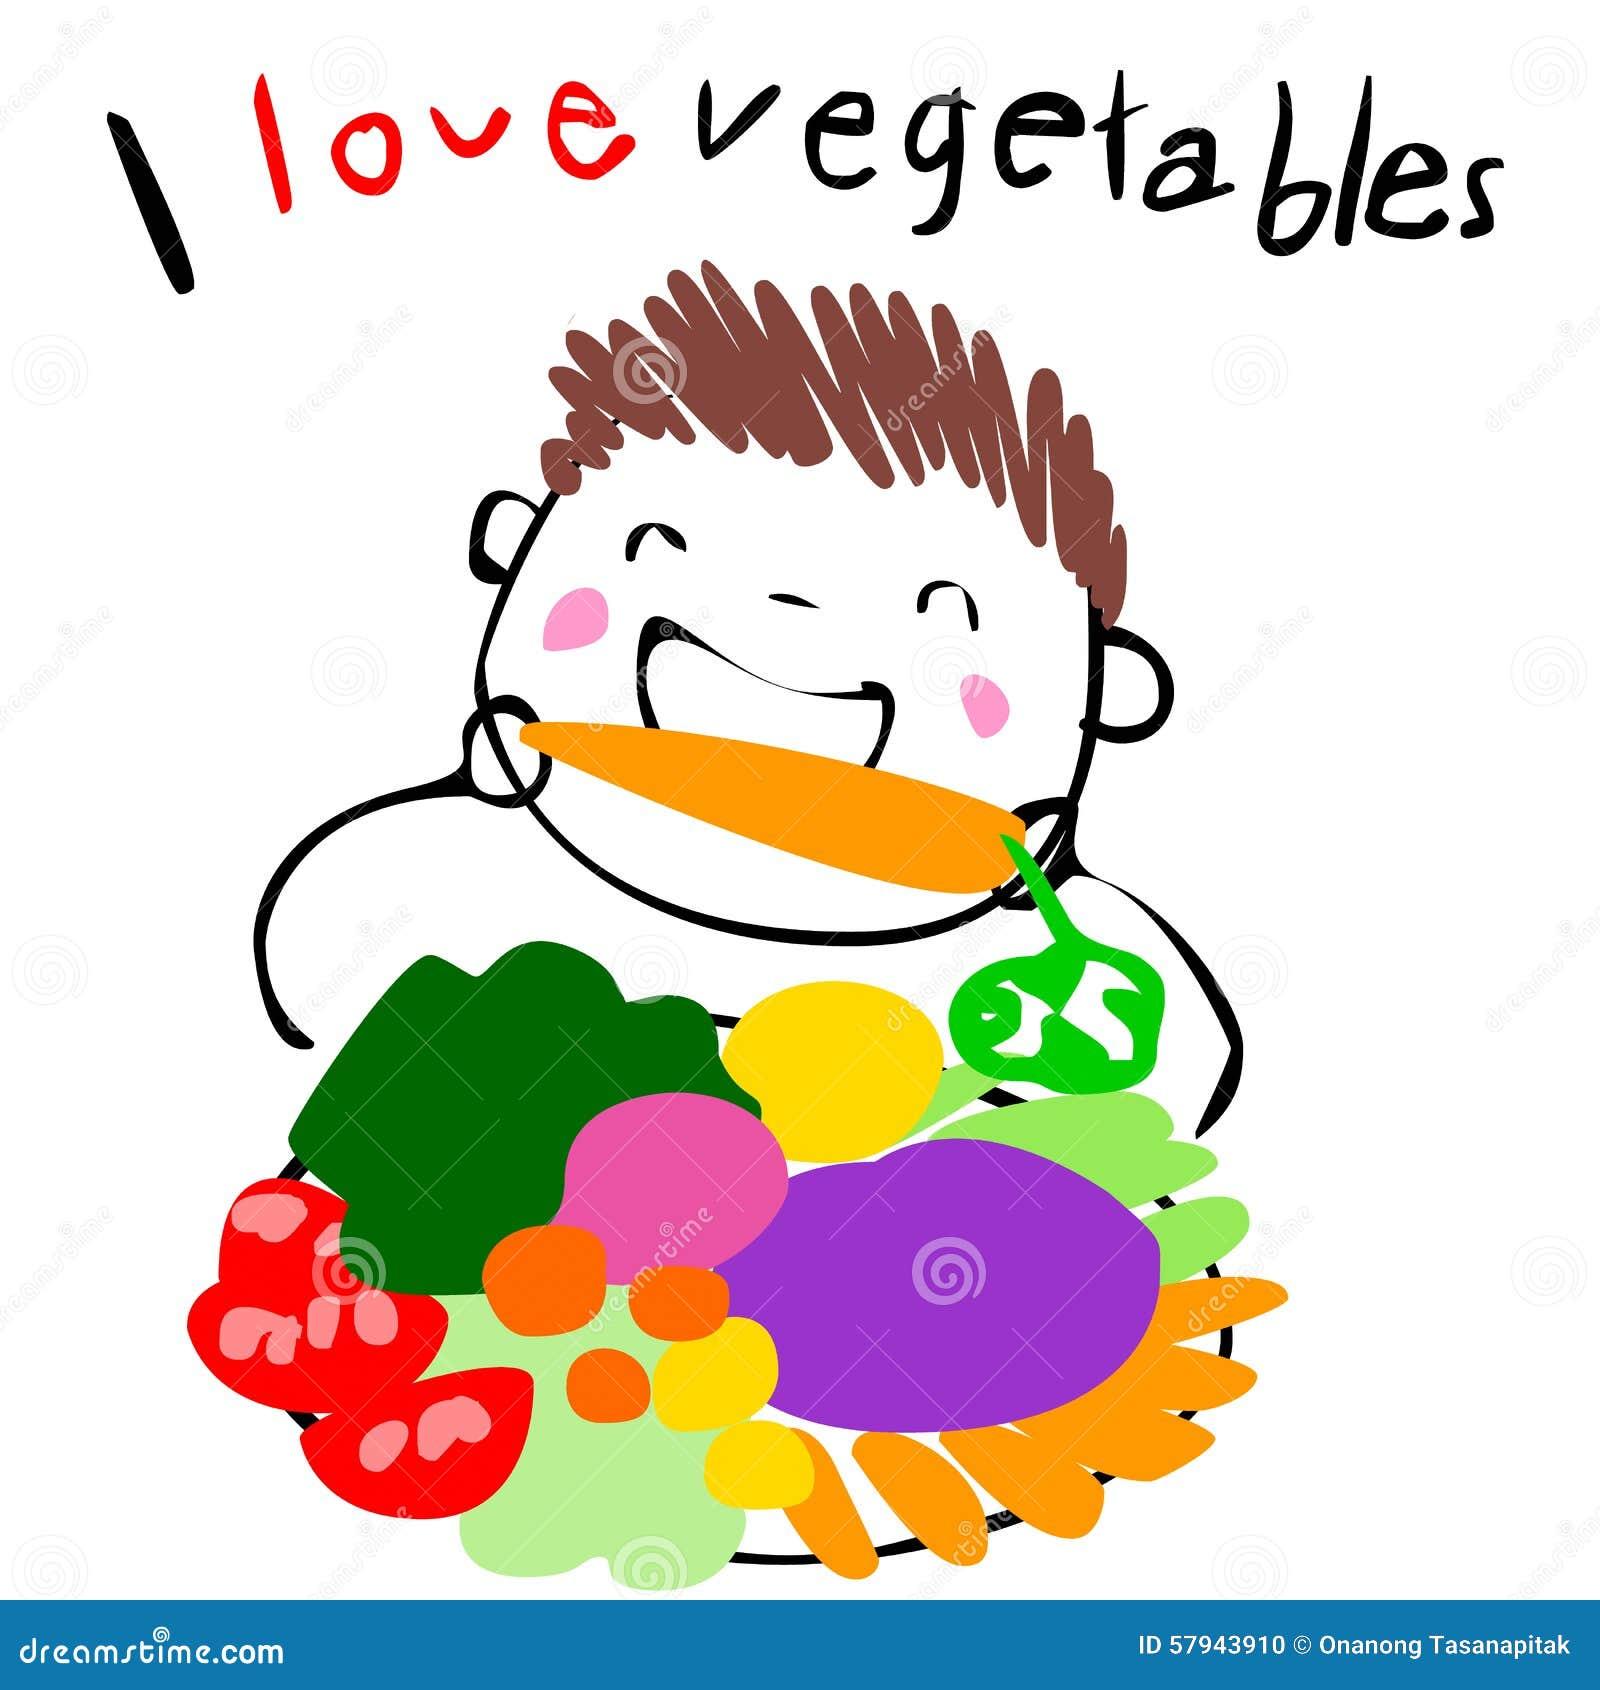 boy love eating vegetable illustration stock vector image 57943910 iceberg lettuce clipart clipart lettuce leaf